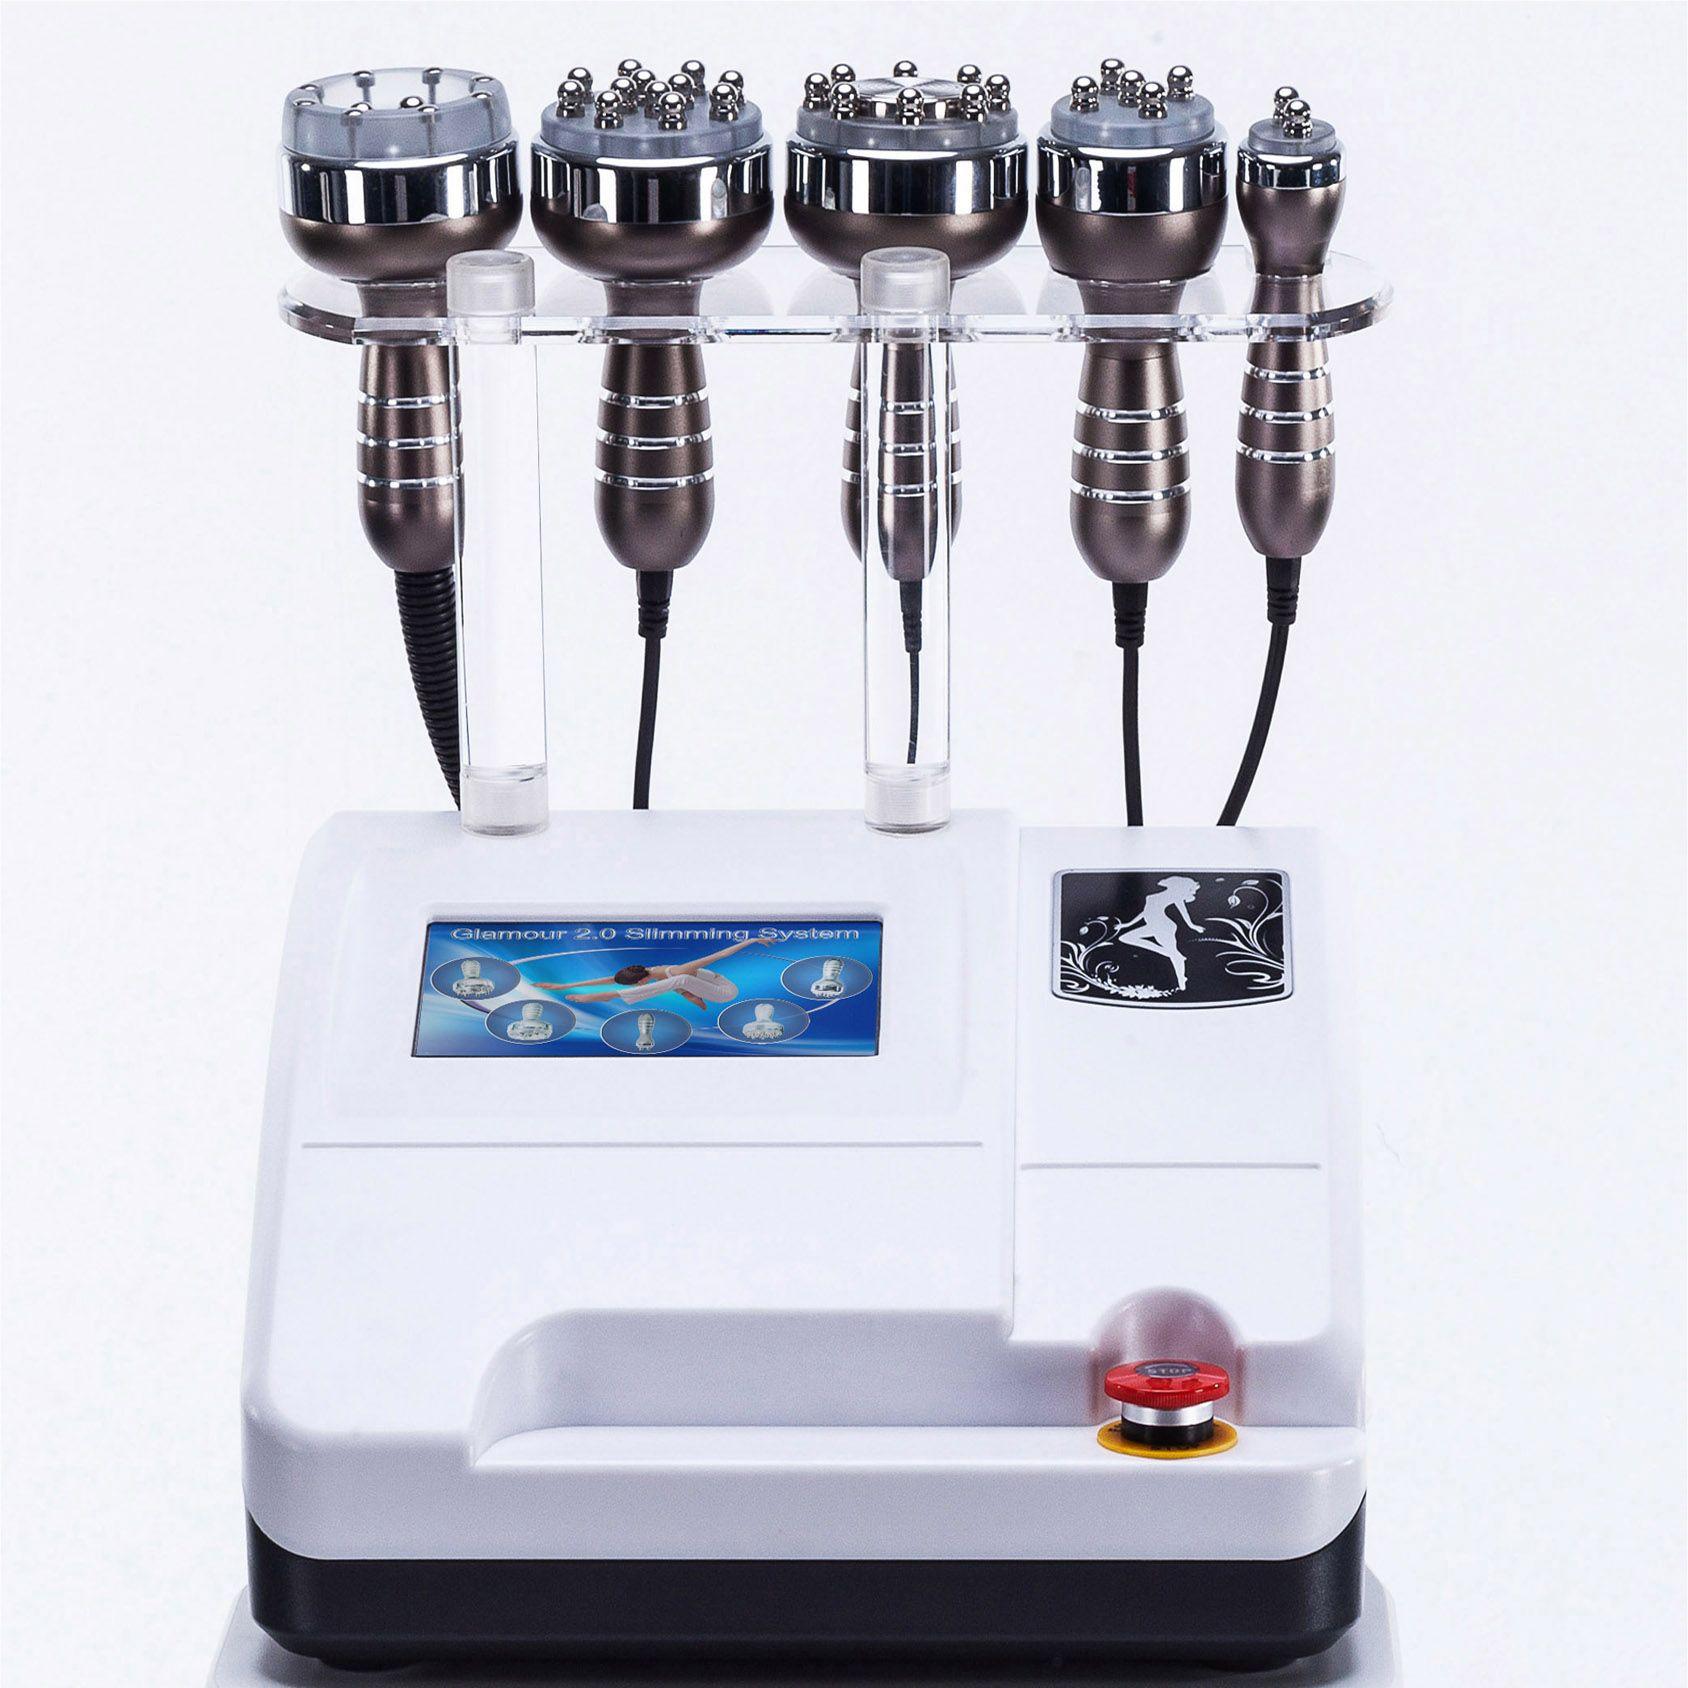 Alta calidad 40K ultrasónico cavitación al vacío equipo de radiofrecuencia lipólisis forma del cuerpo piel reafirmante de la belleza que adelgaza la máquina